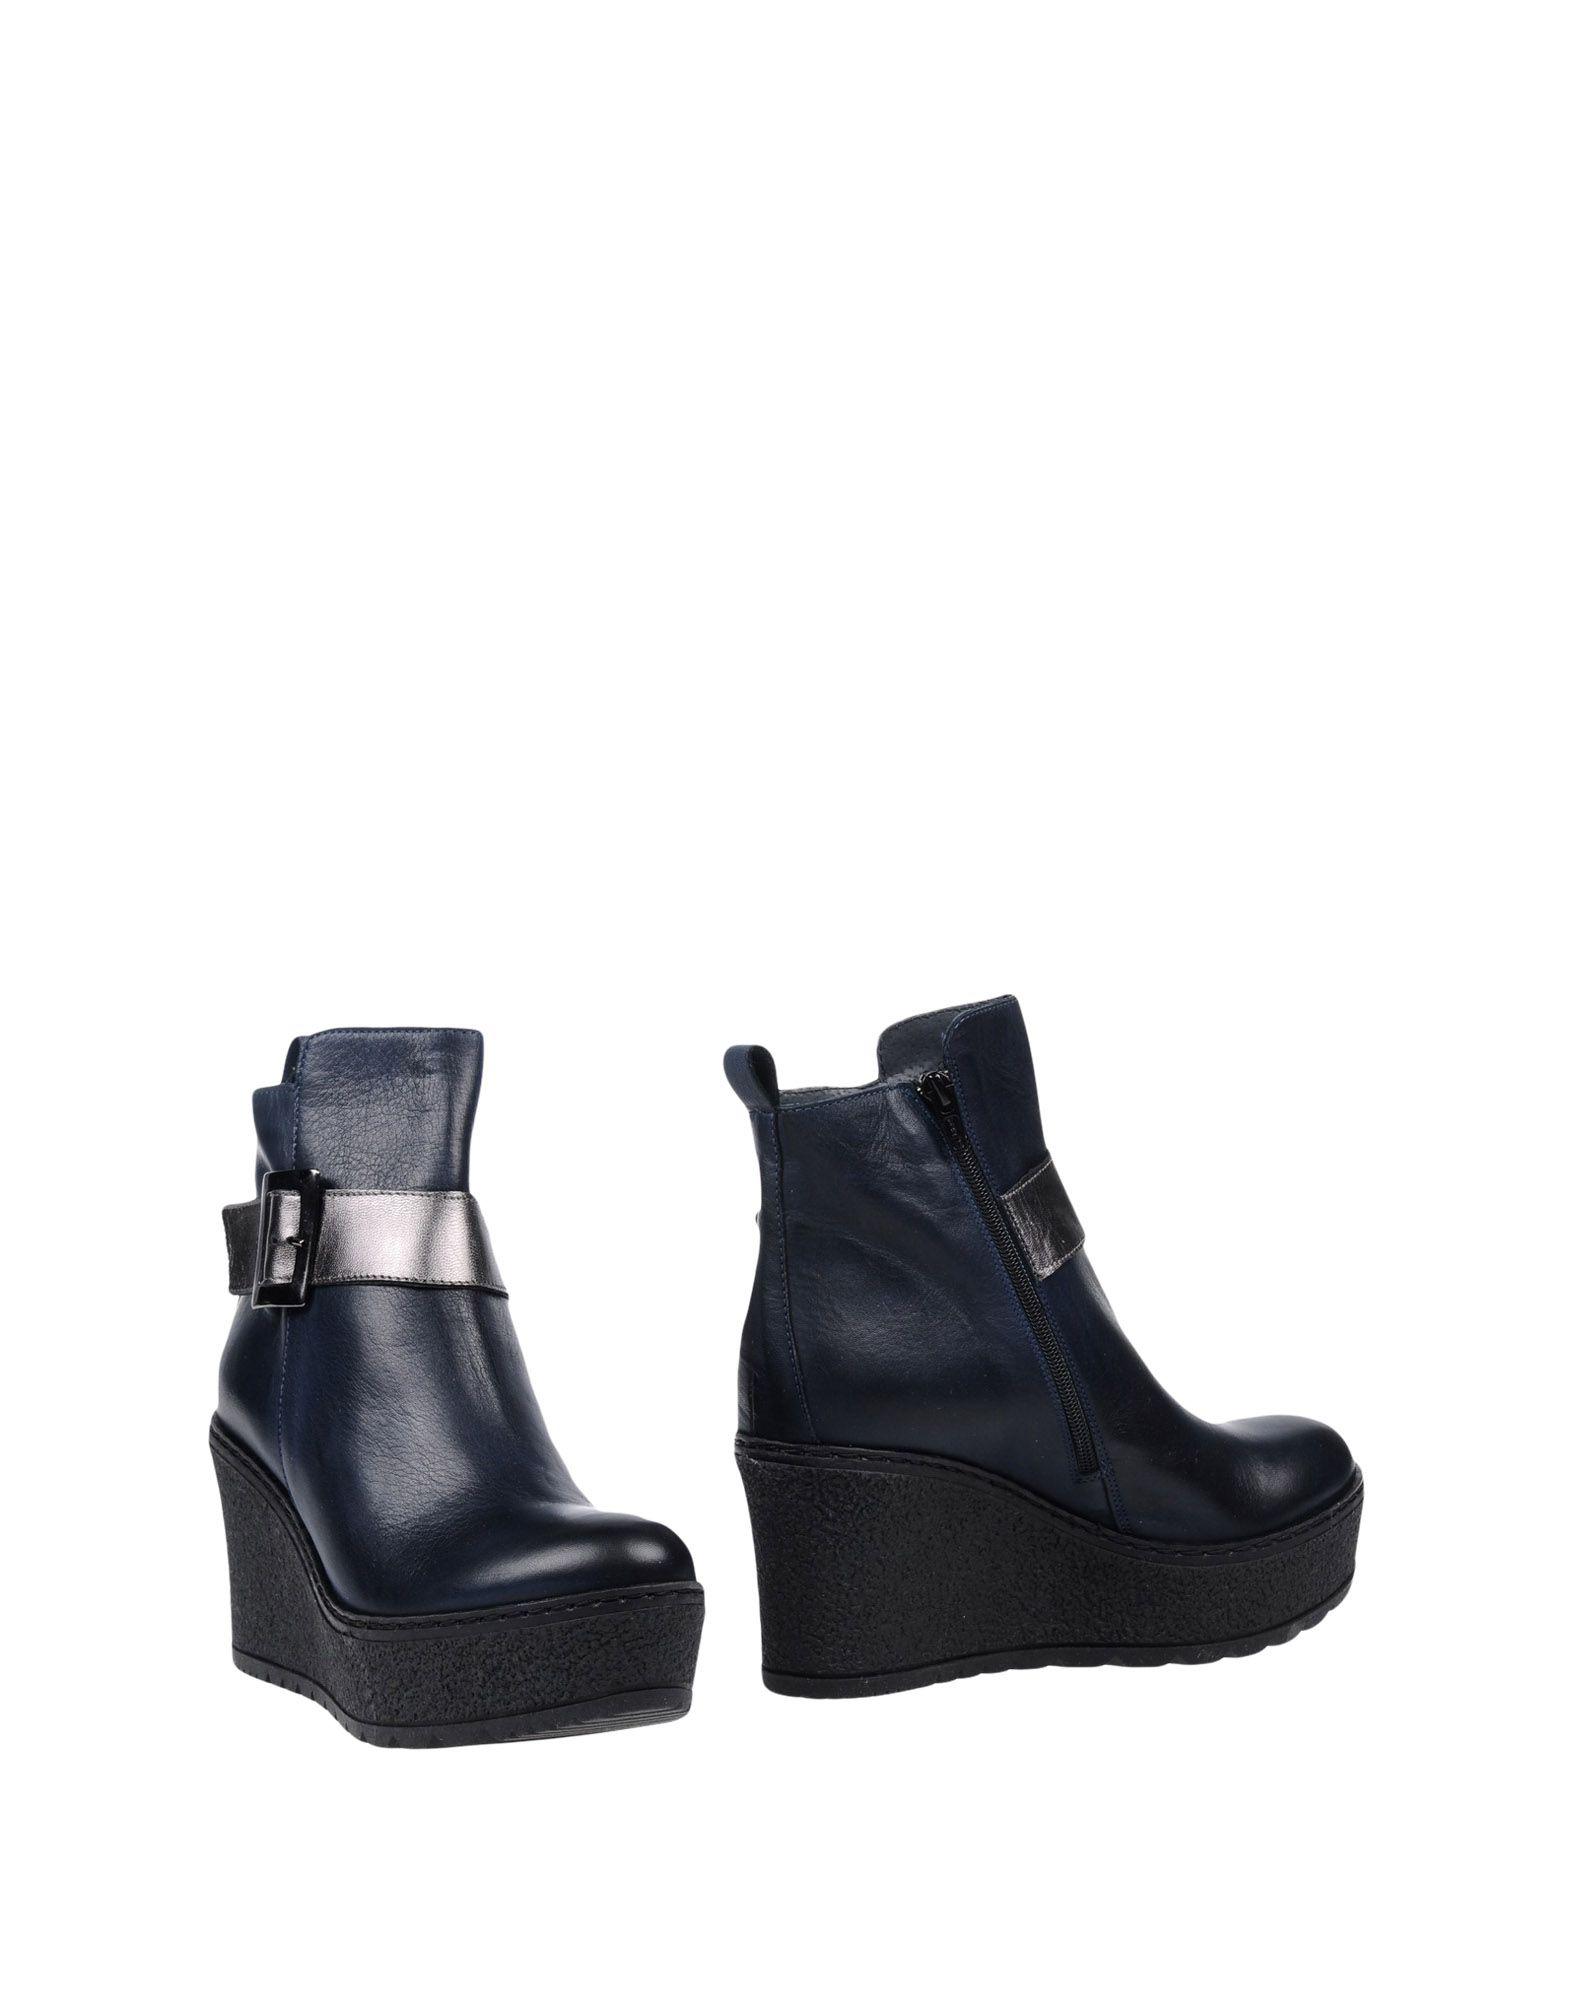 Tsd12 Stiefelette Damen  11454028MH Schuhe Gute Qualität beliebte Schuhe 11454028MH e9863f